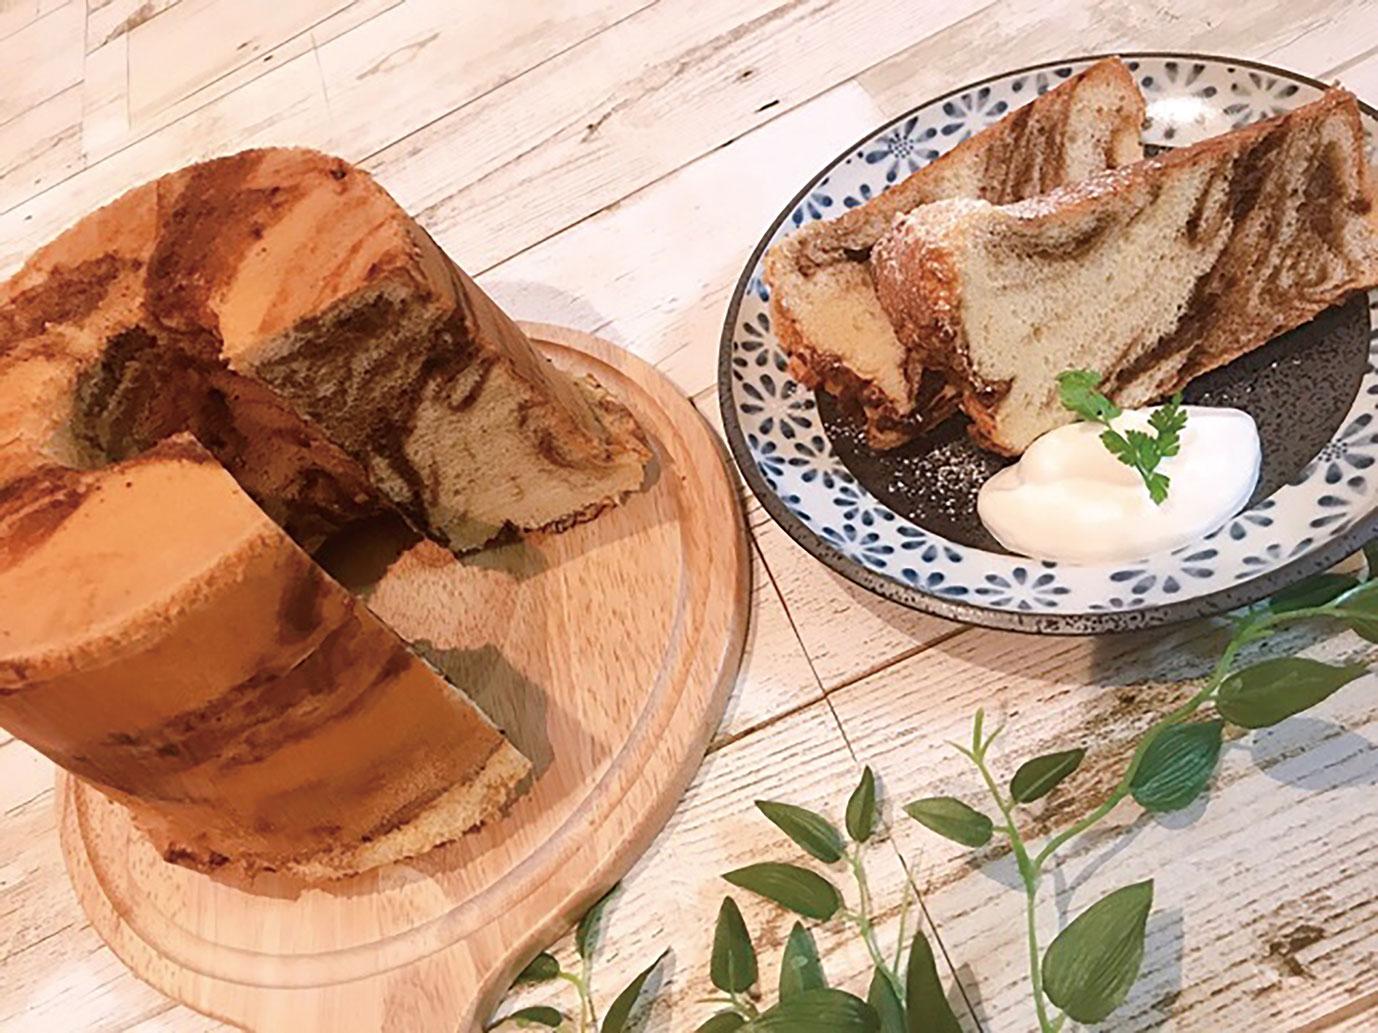 国産素焚糖を使用した、日替わりのシフォンケーキ。 日替わりのチーズケーキもあります。